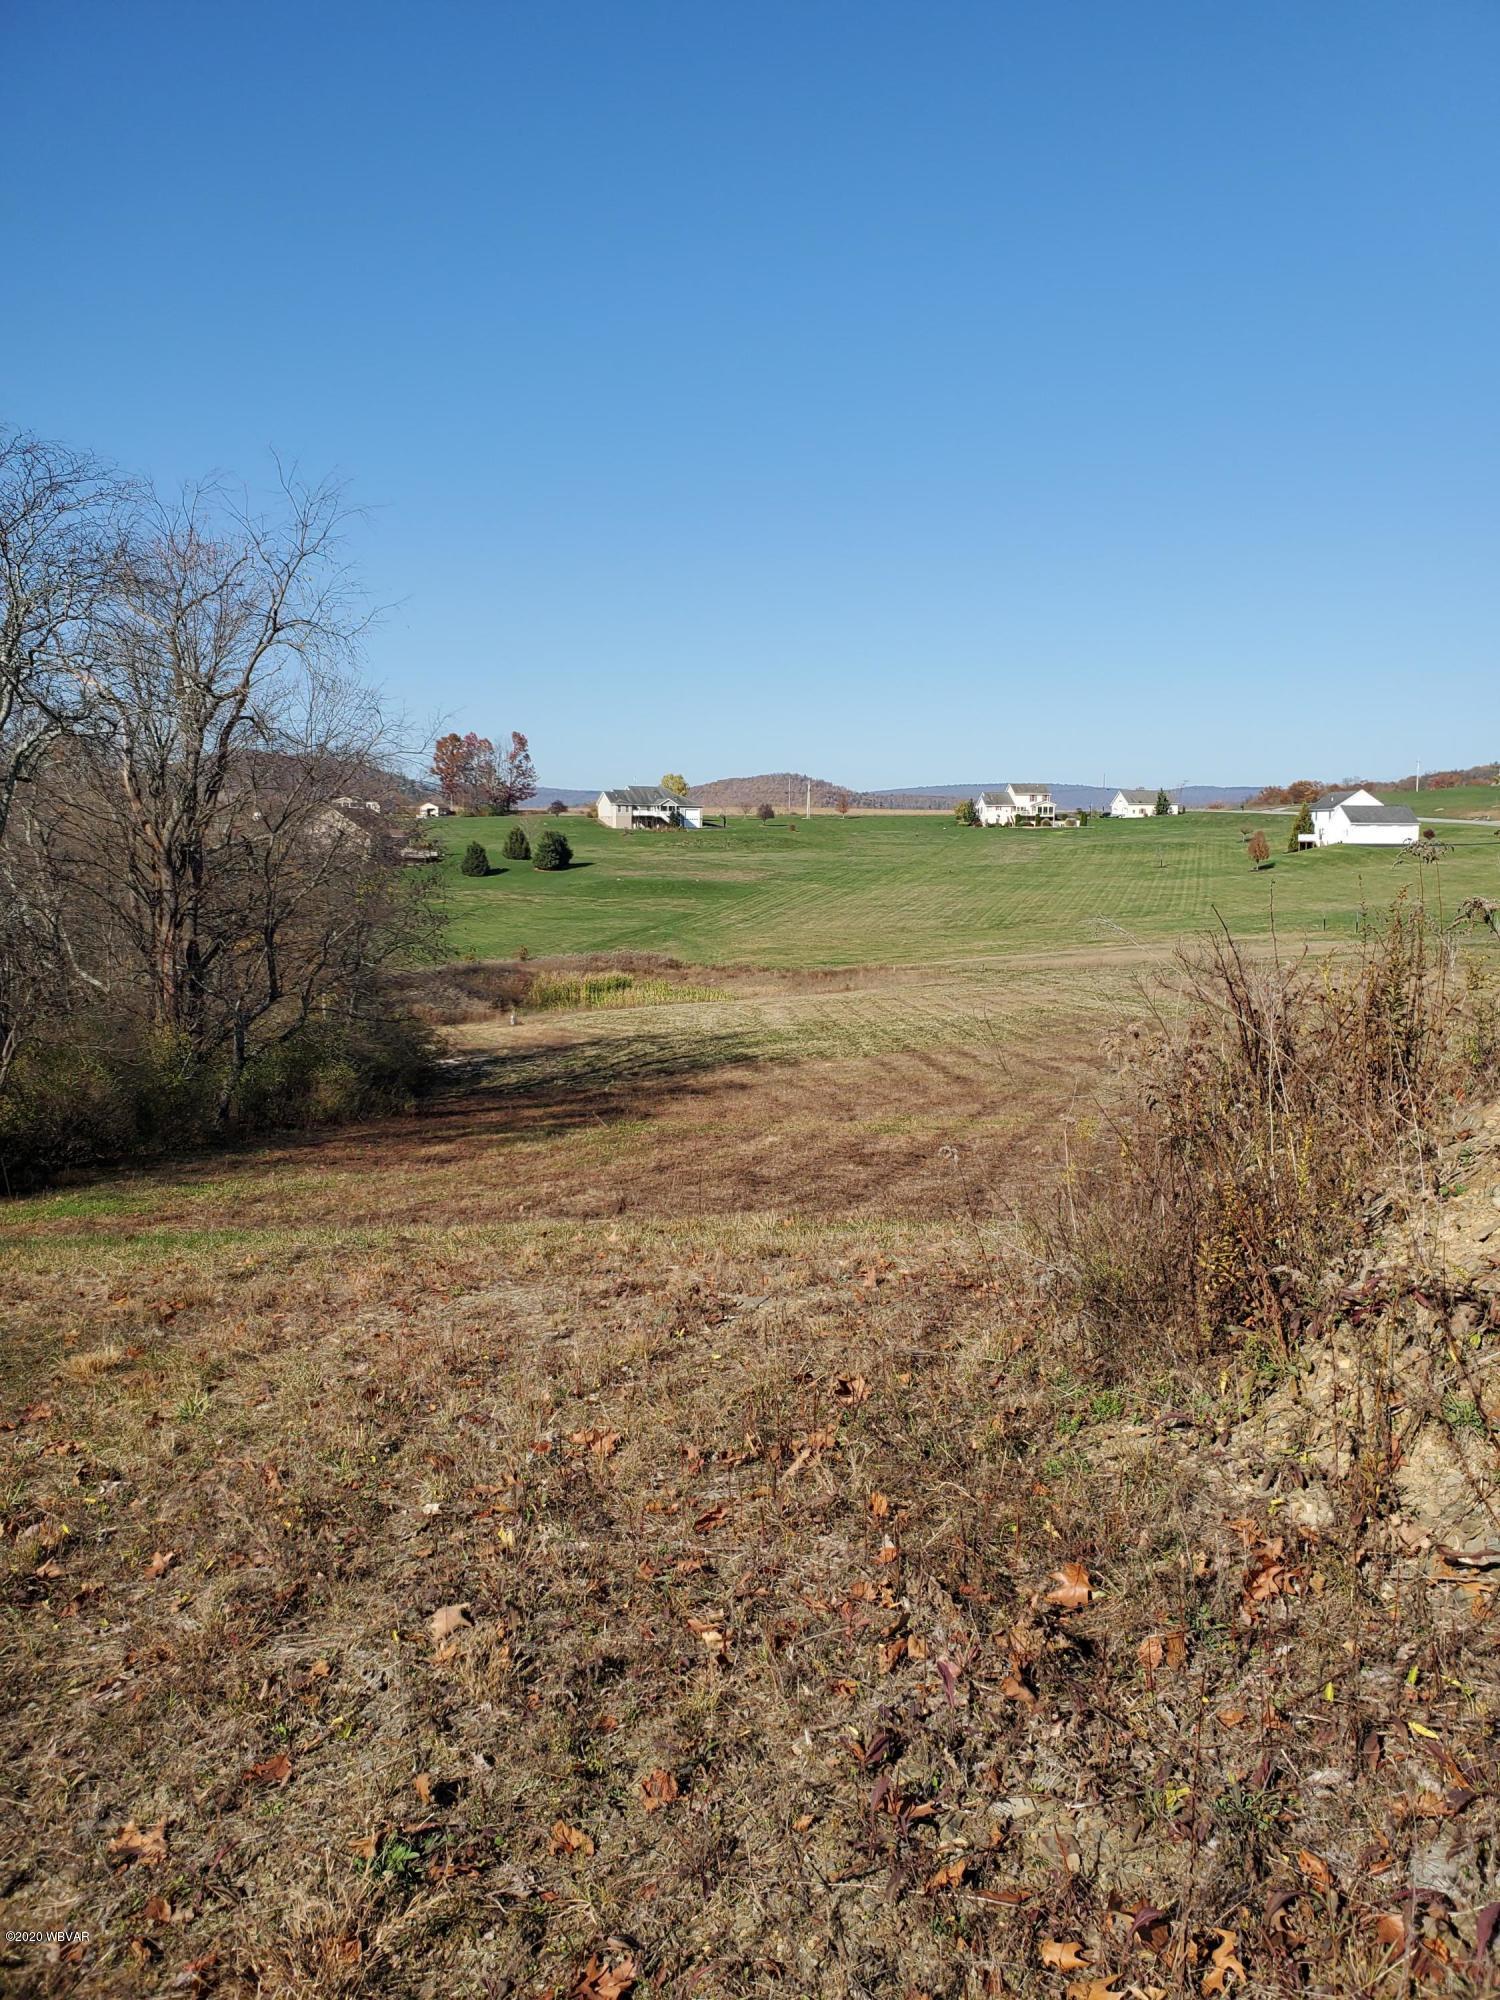 424 KAHLER HILLS DRIVE, Hughesville, PA 17737, ,Land,For sale,KAHLER HILLS,WB-89036